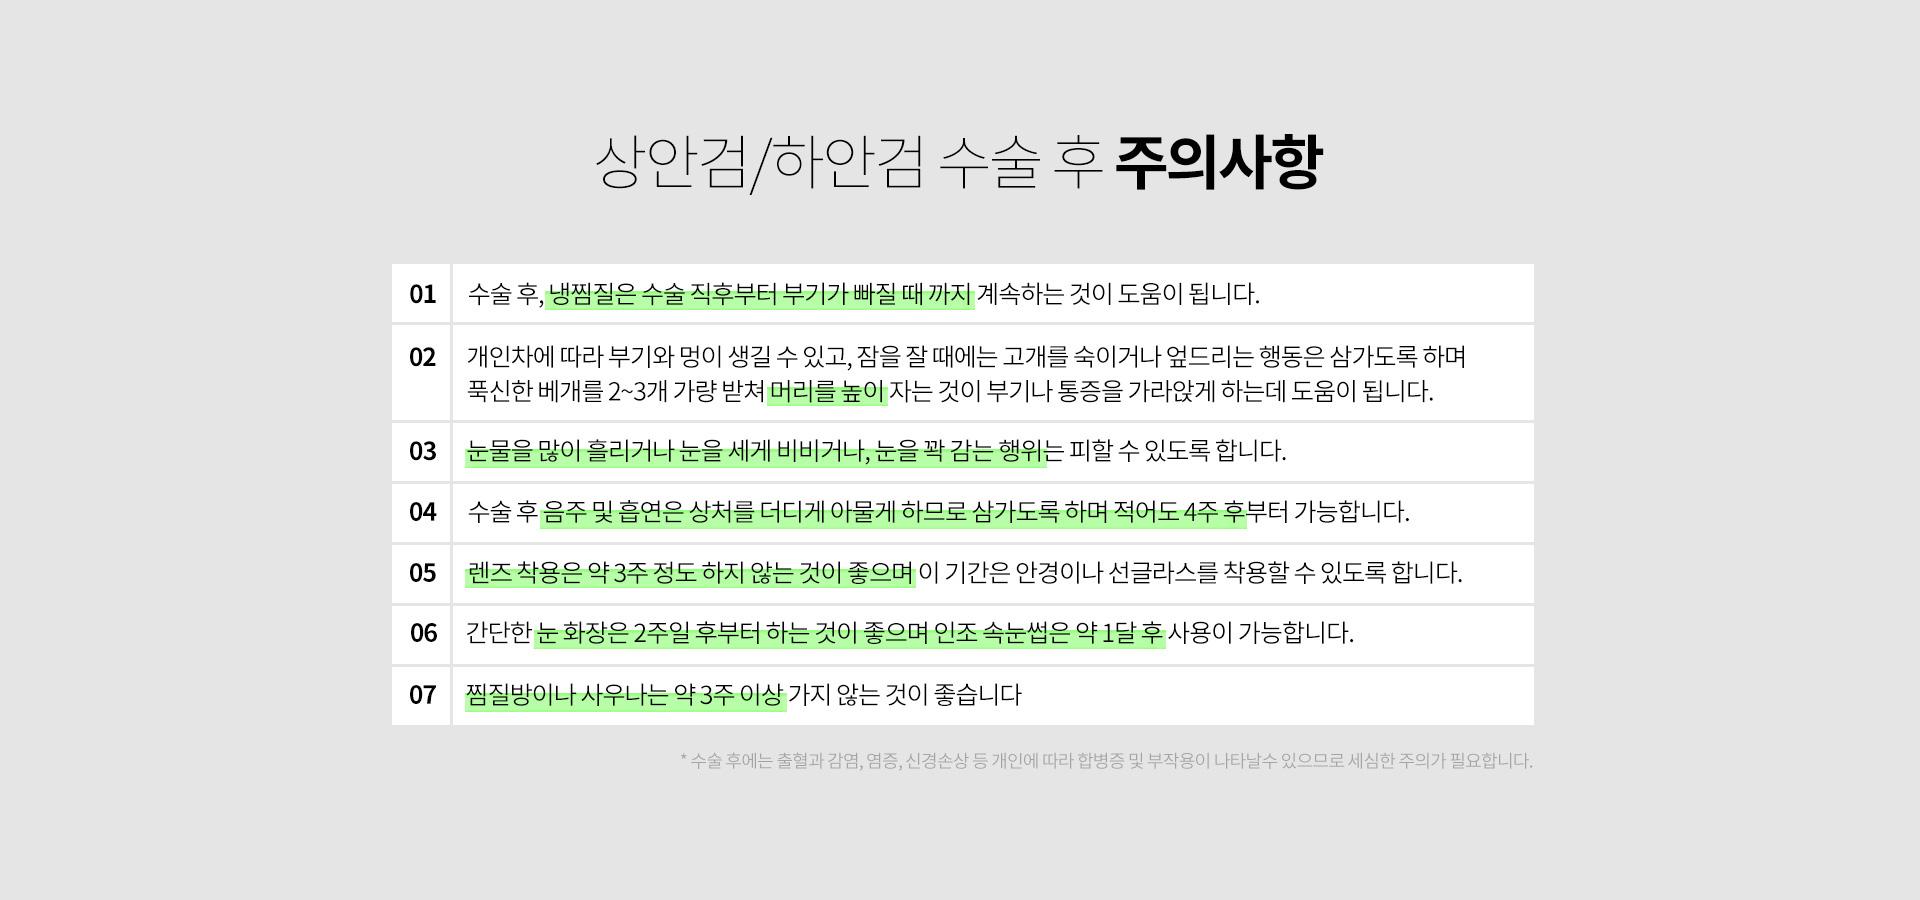 상하안검 04